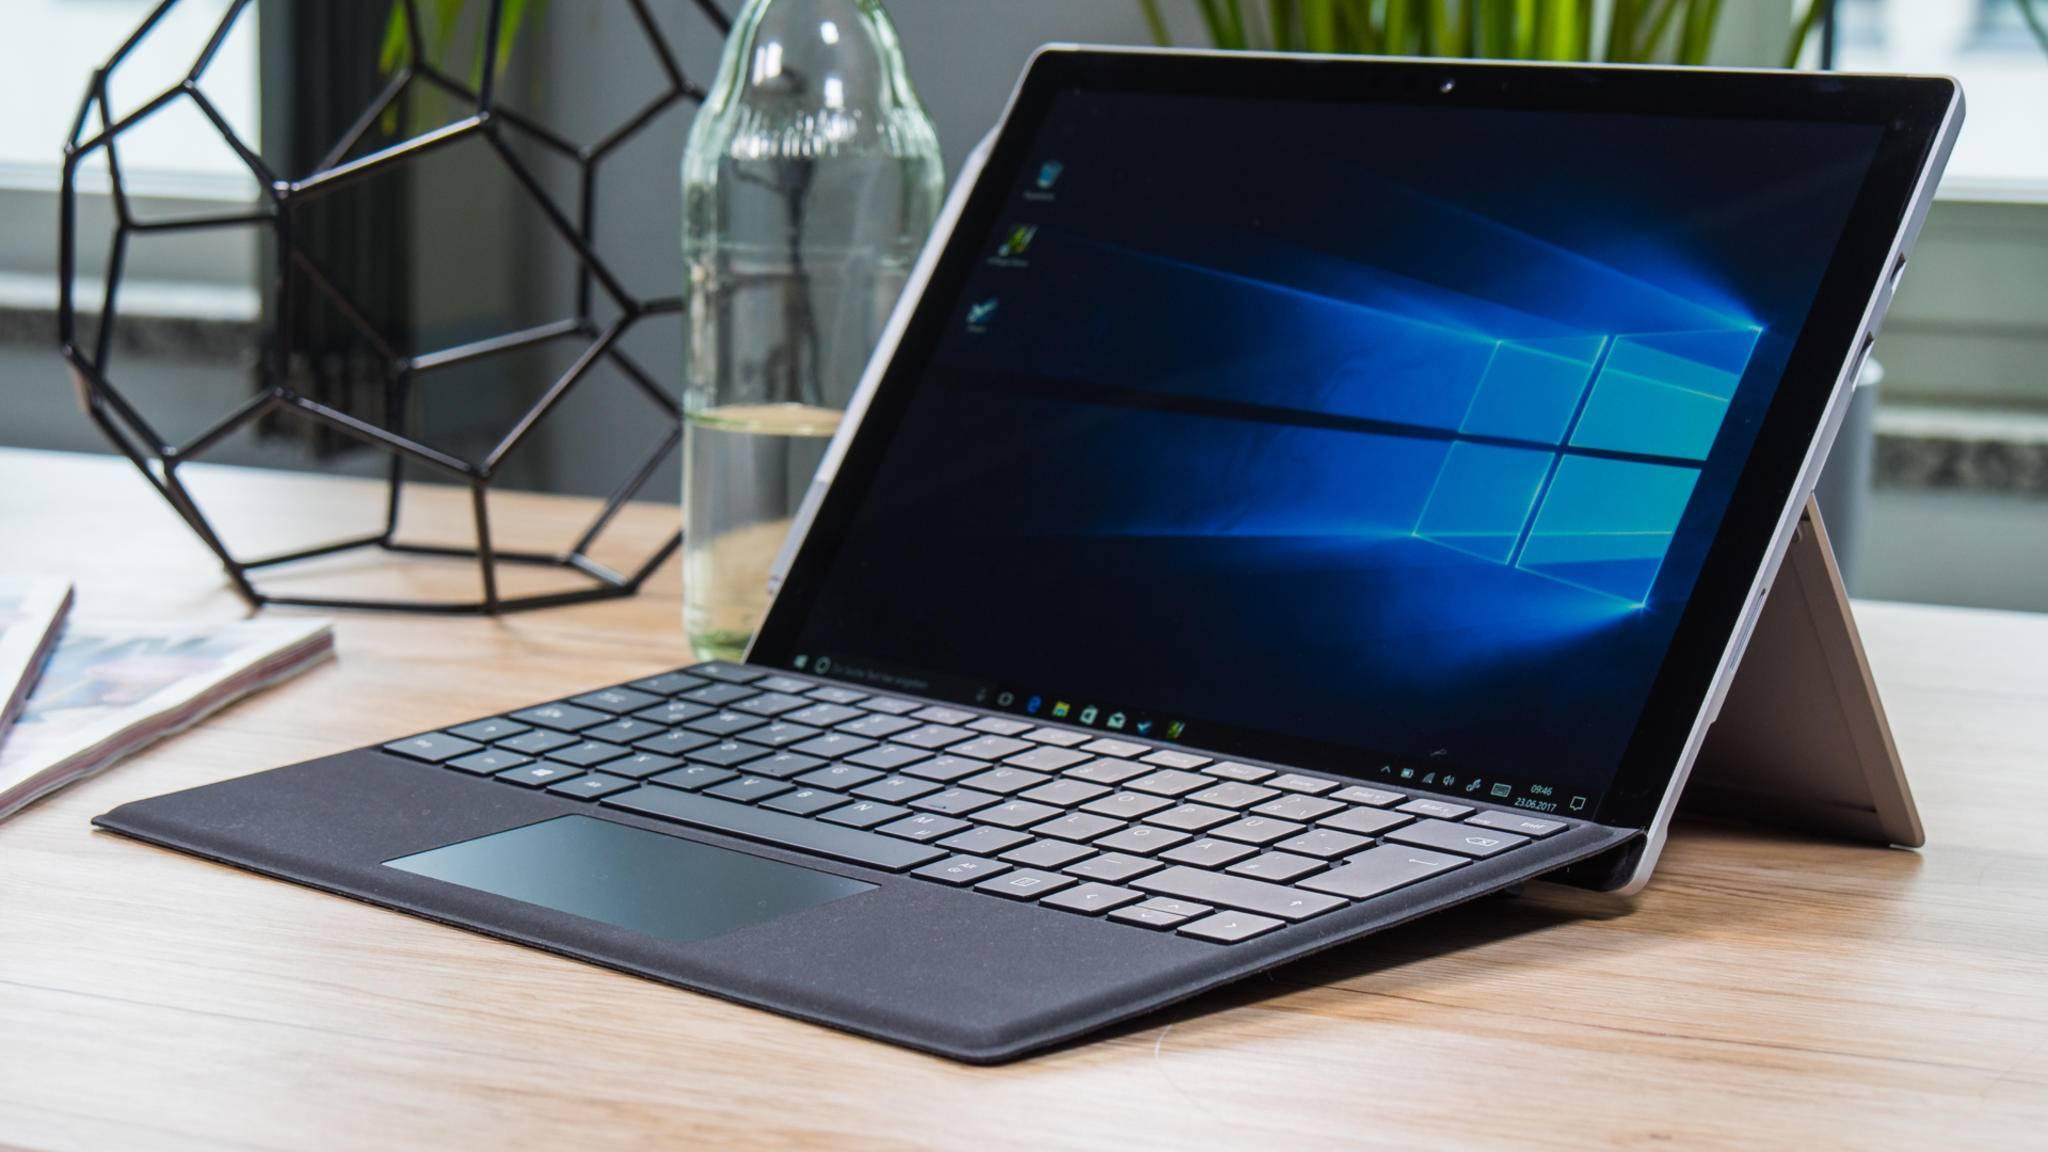 Das Surface Pro (2017) ist eines der besten Windows-Convertibles.